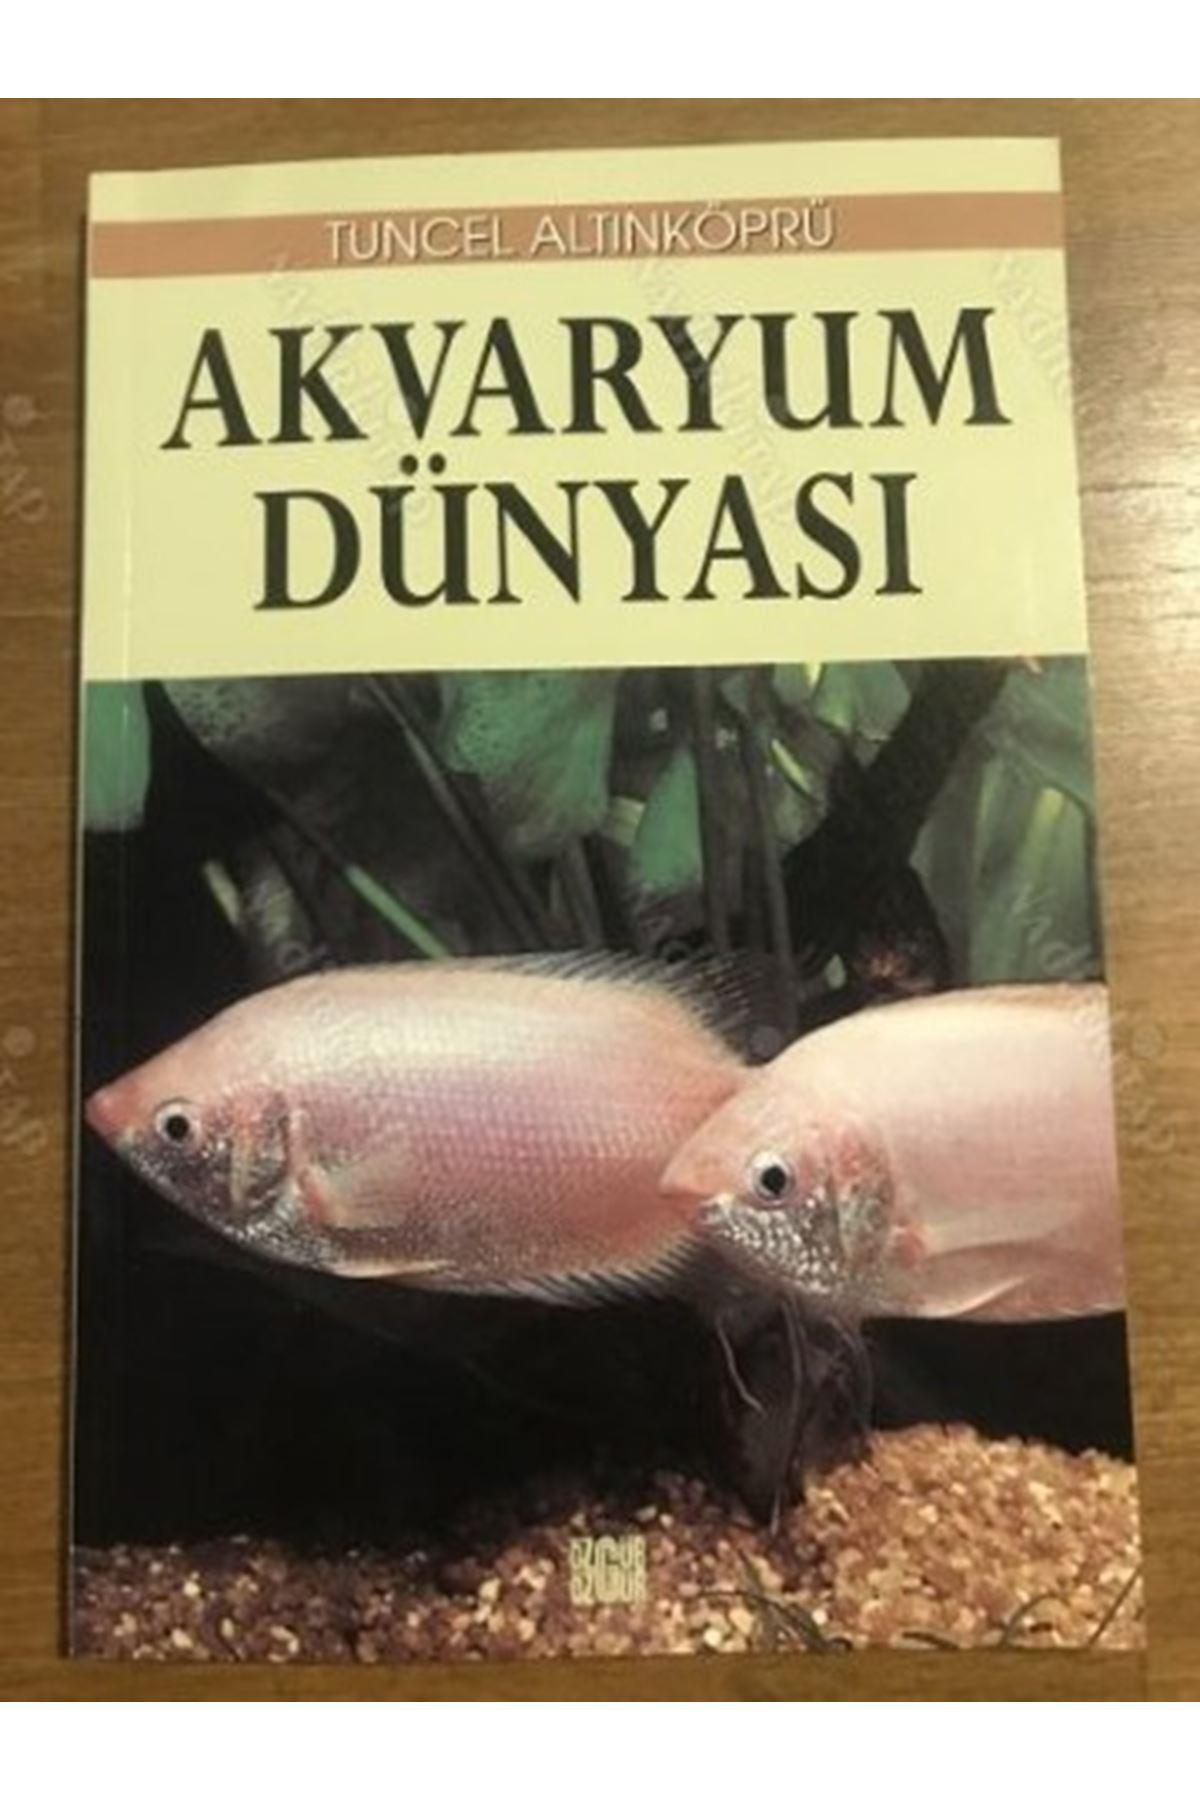 TUNCEL ALTINKÖPRÜ - AKVARYUM DÜNYASI